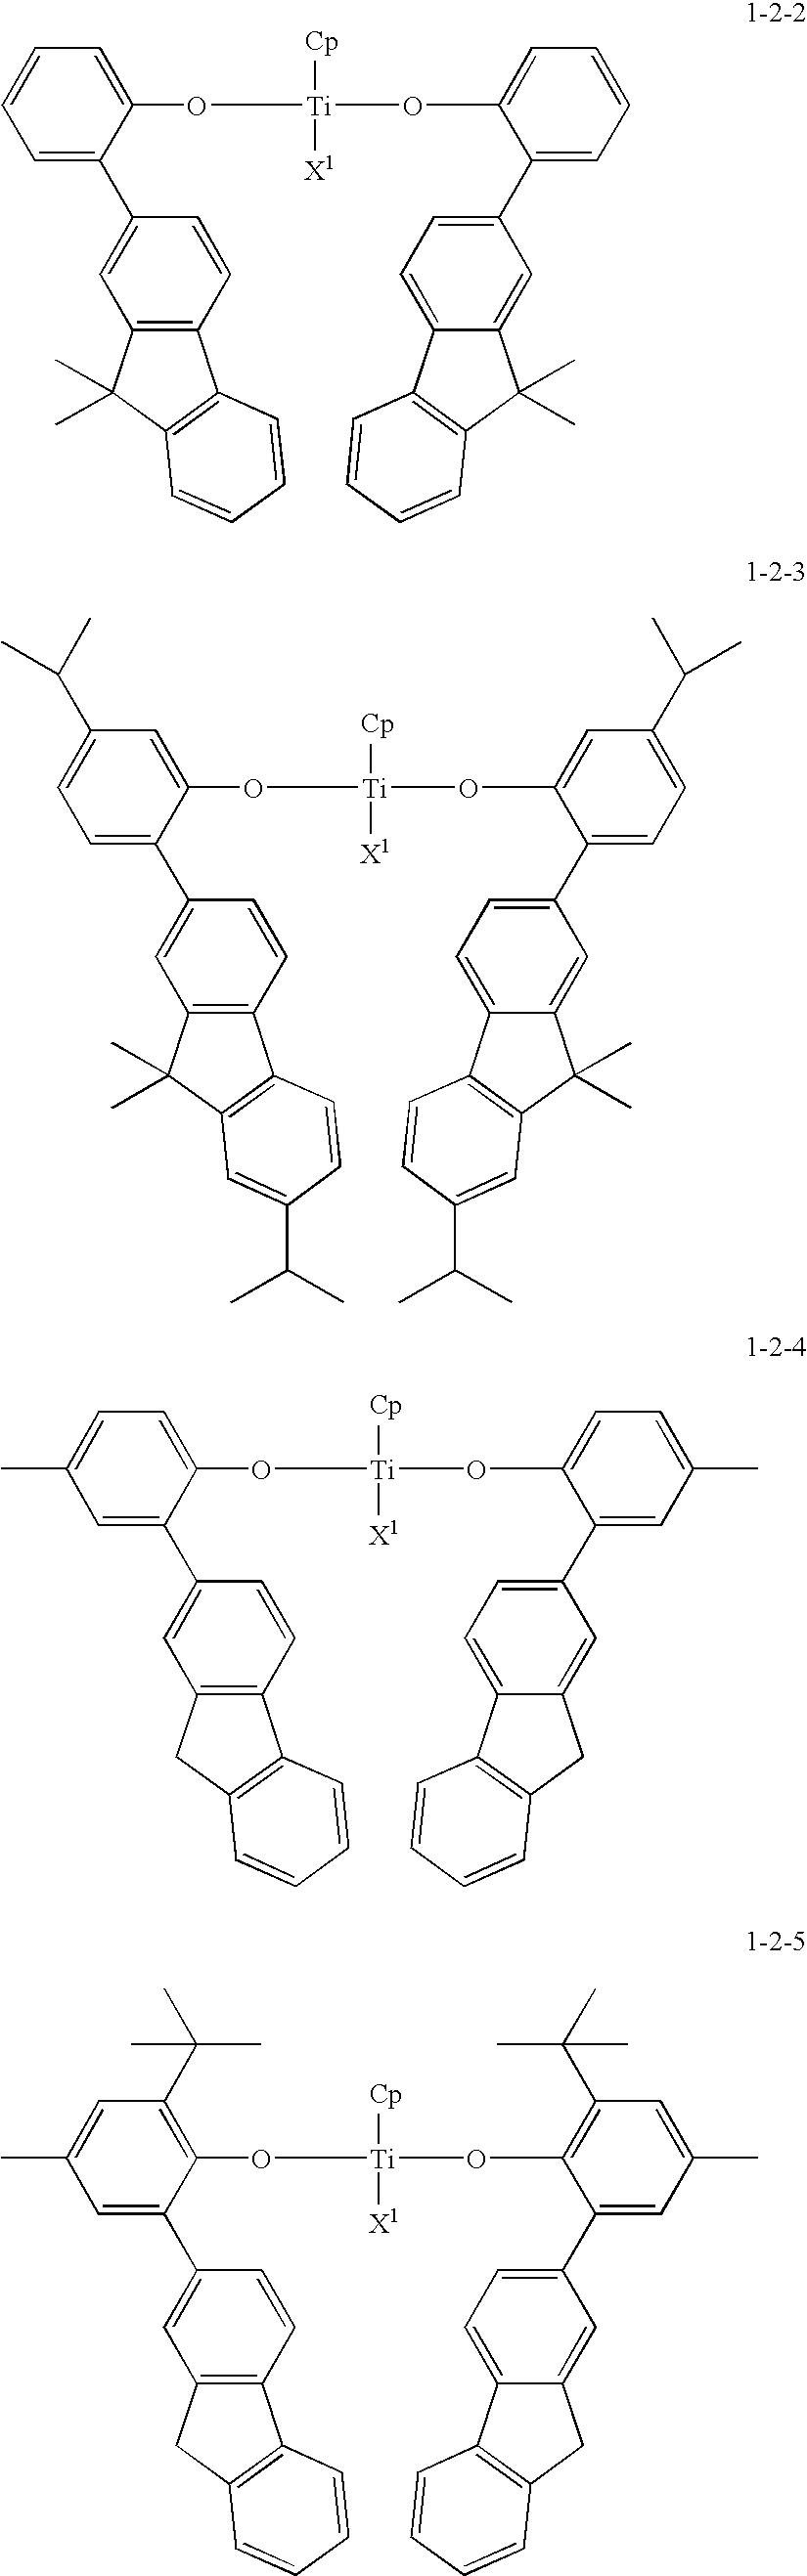 Figure US20100081776A1-20100401-C00012